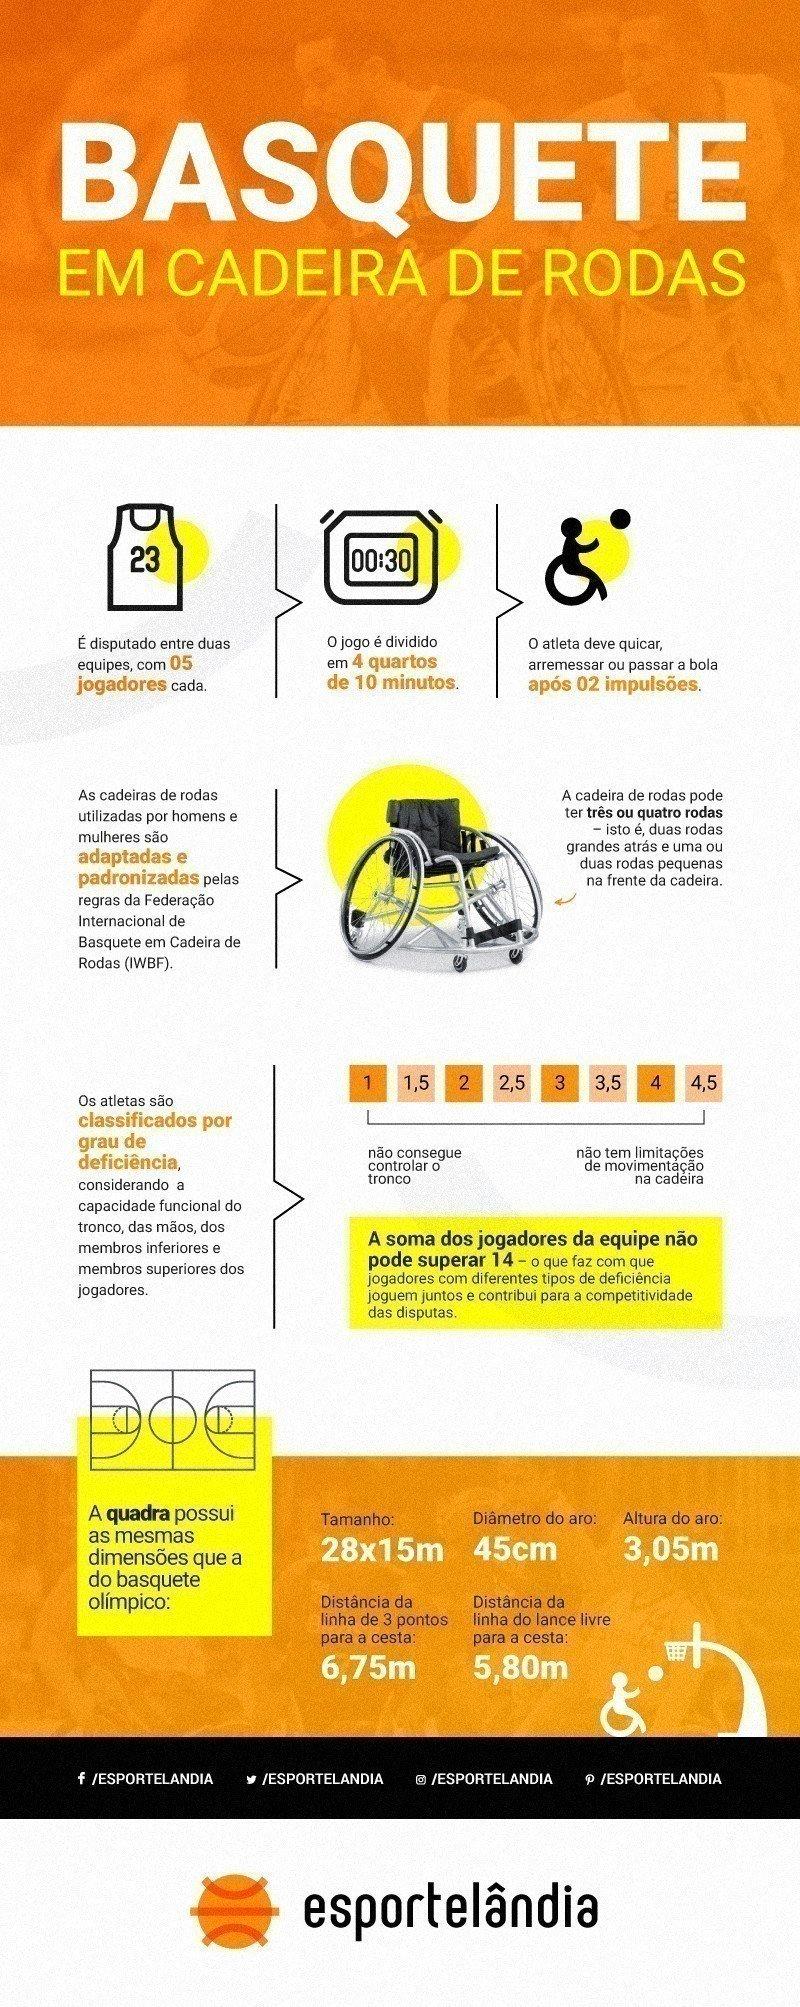 Infográfico do Basquete em cadeira de rodas